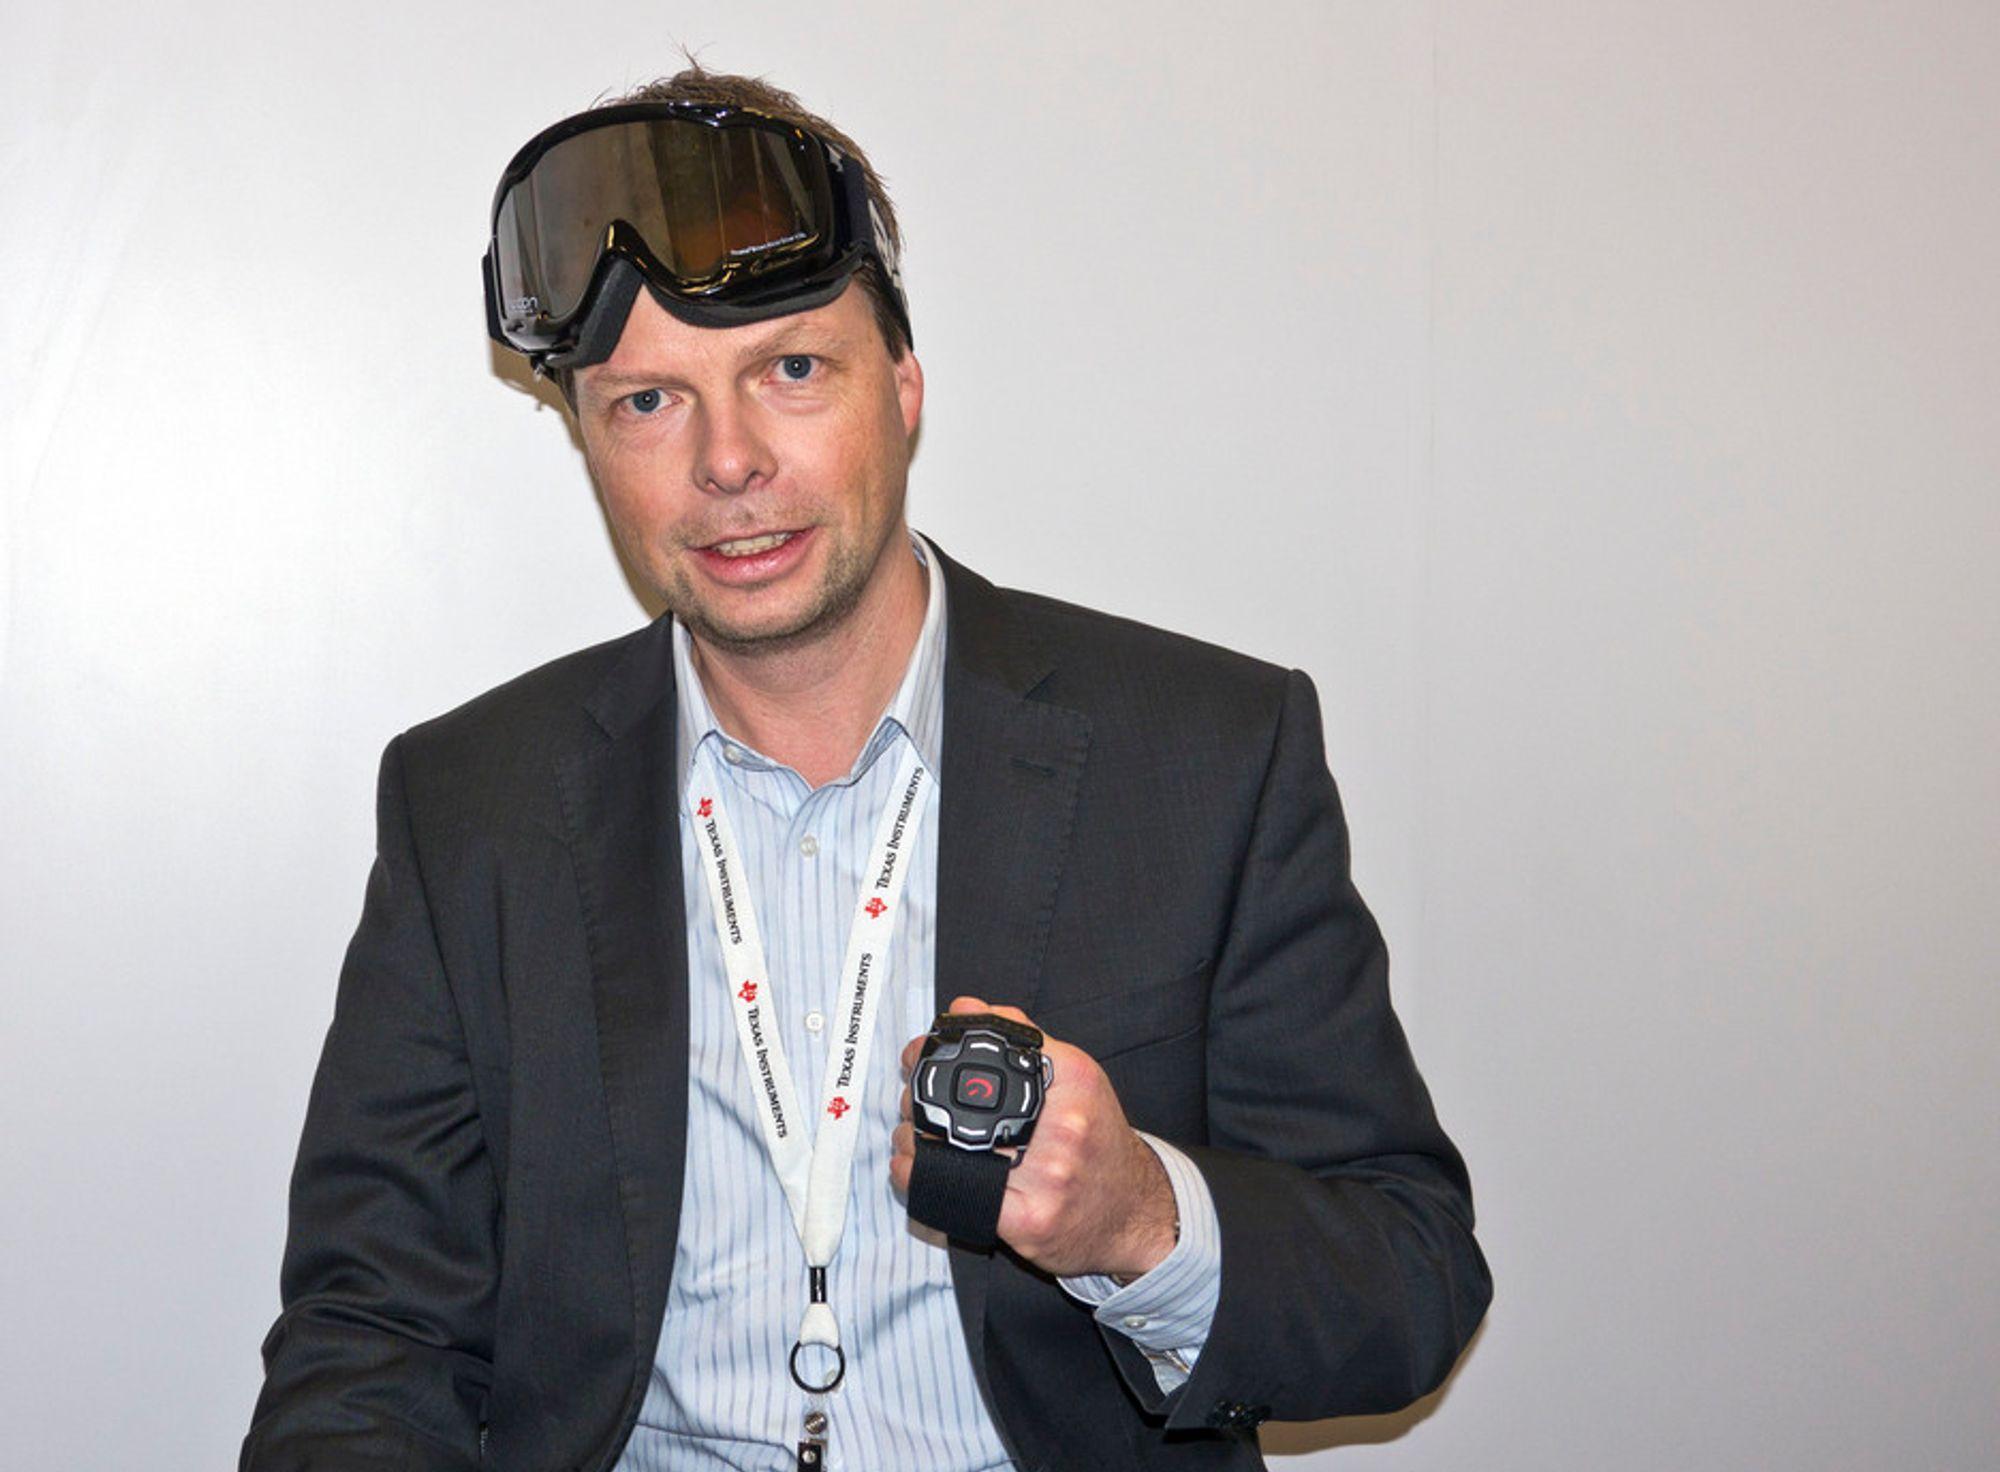 FULL KONTROLL I BAKKEN: Sjef for Texas Instruments lavenergi radio, Øyvind Birkenes, viser frem en slalåmbrille med GPS og akselerometer som kan kommunisere posisjonsdata fra et armbånd til en mikroskjerm i brillene. Det gir informasjon om hastighet og andre parametere, og gjør forhåpentligvis aktiviteten litt morsommere.